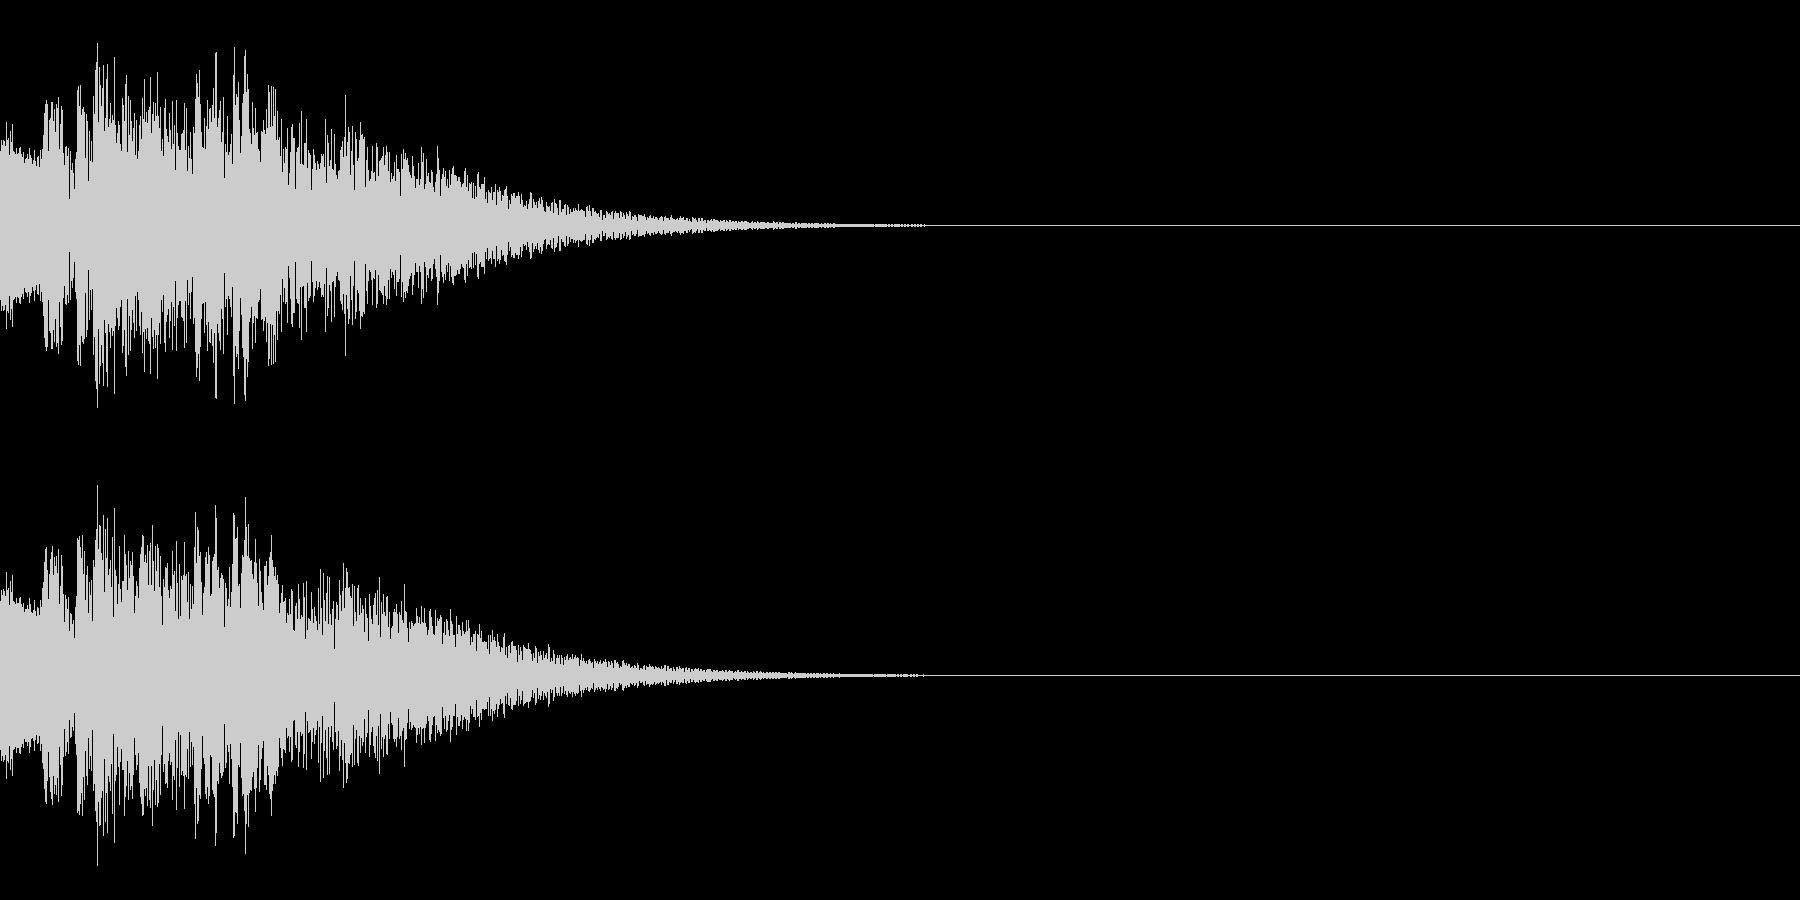 ピコーン(ひらめきやレベルアップの音)の未再生の波形